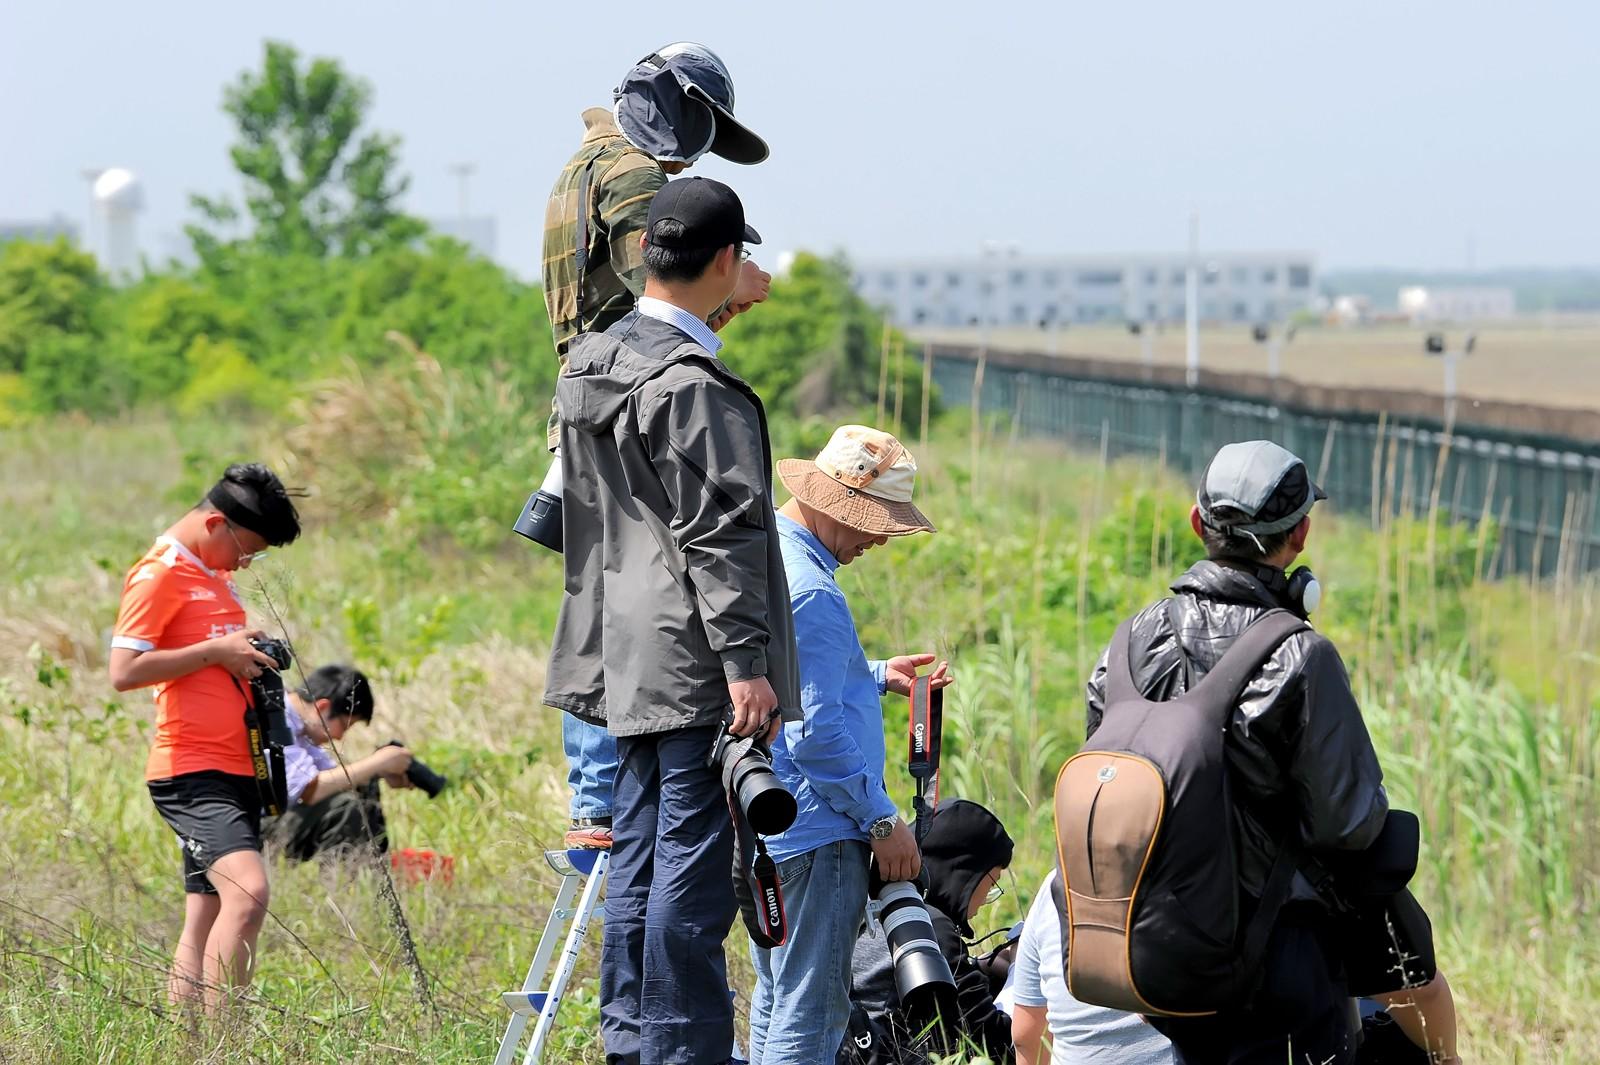 Re:[原创]【多图党】五一假期南京拐爷大佬们在新桥佛系拍机     飞友